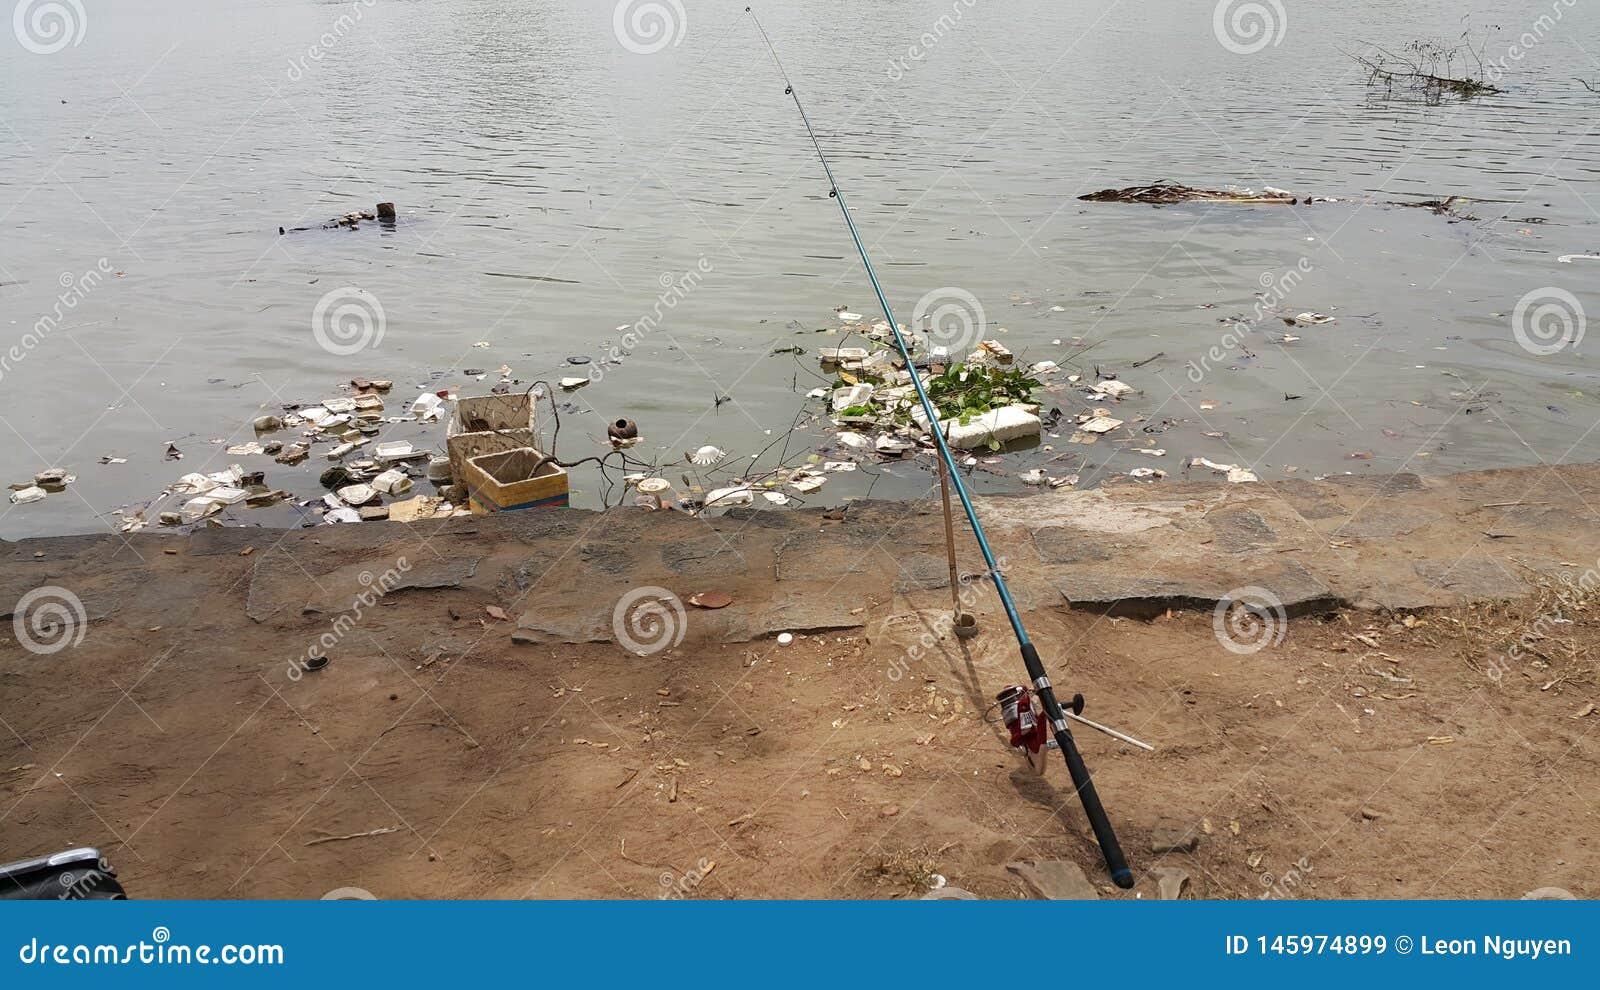 Eine Angelrute ist in den Flussbereich fallen gelassen worden